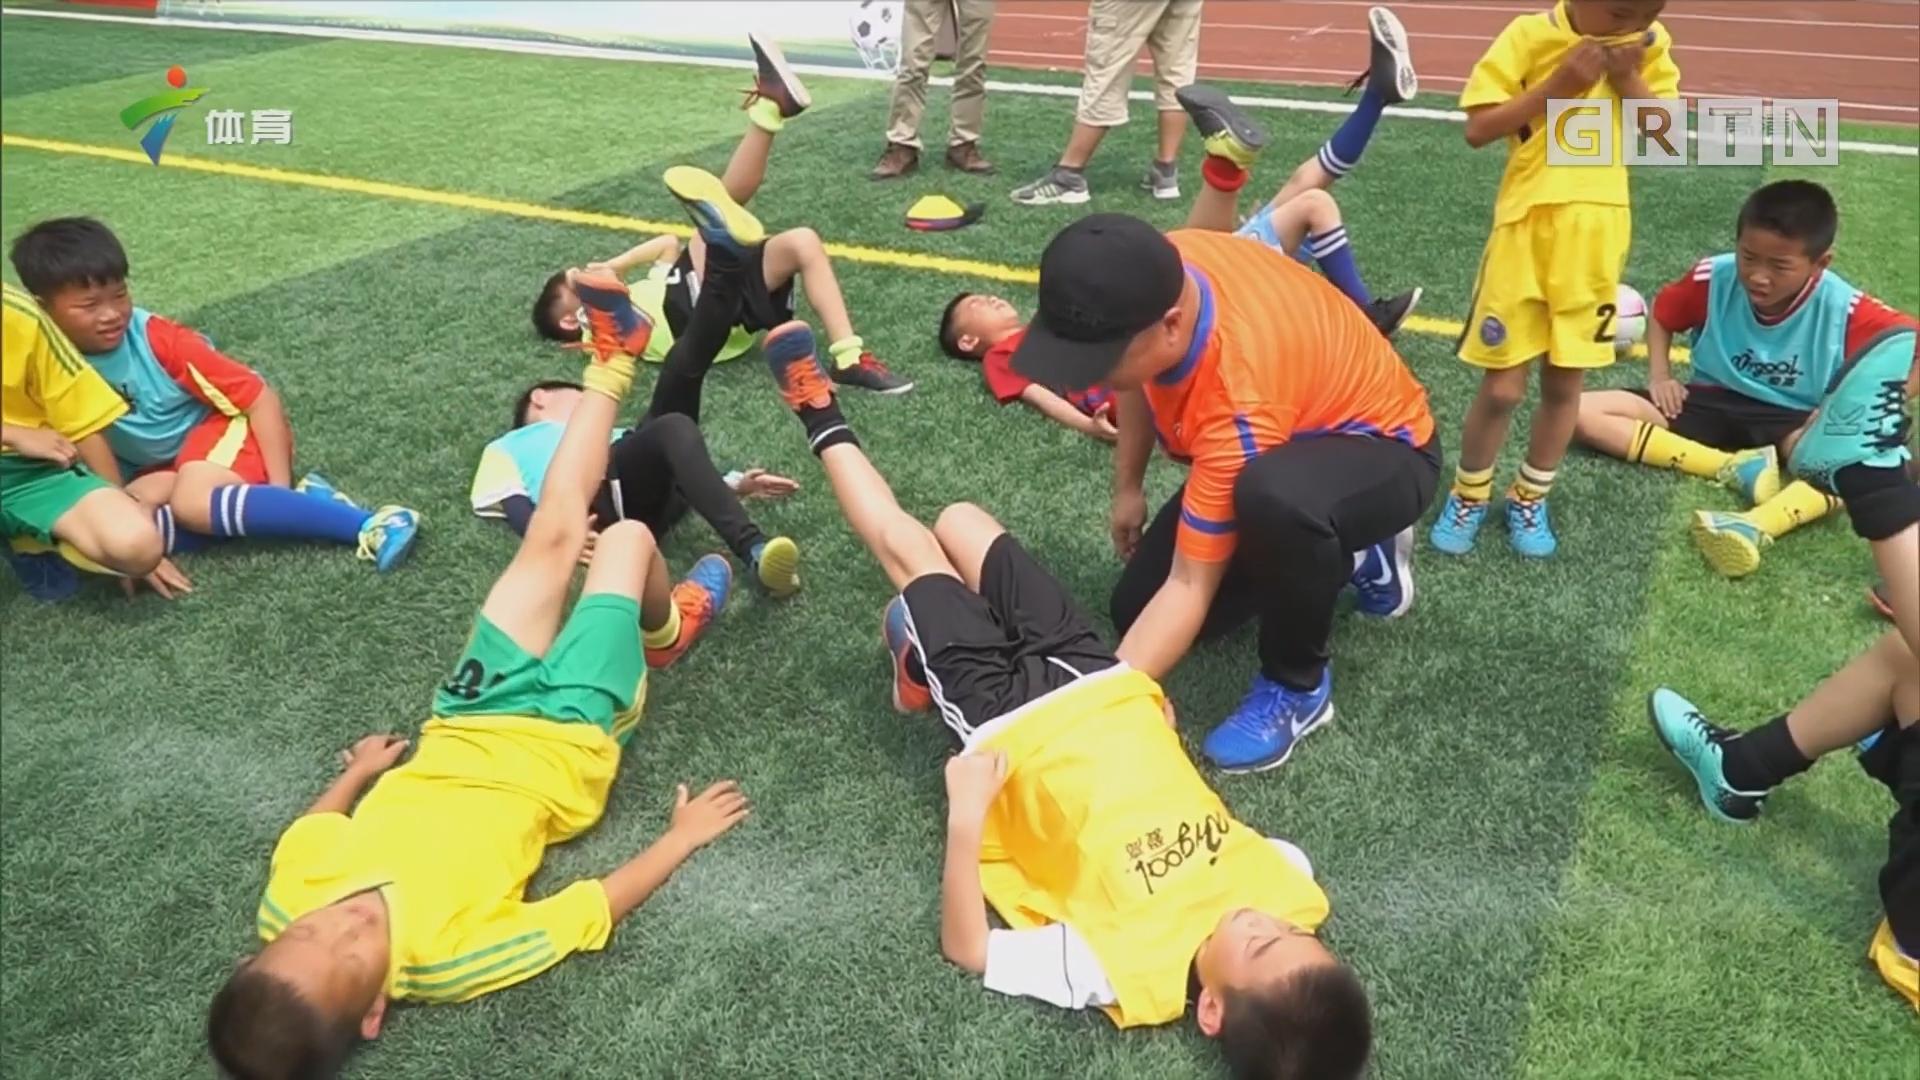 2018 U点我爱足球广东省5人足球公益行到东源县第一小学 推广足球发展